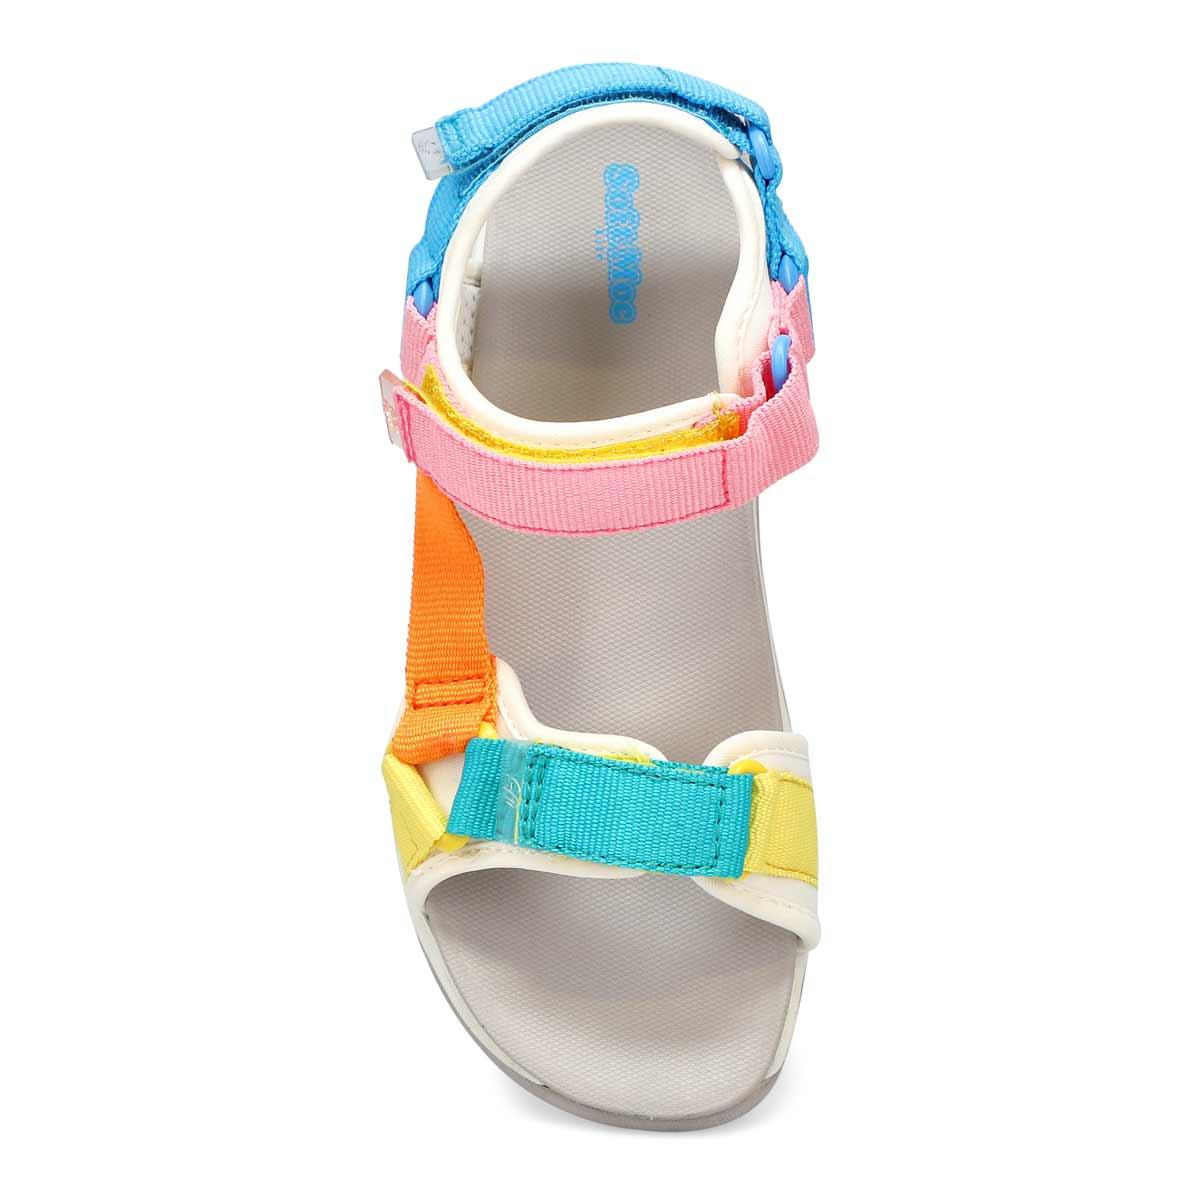 Women's Lacy Sandal - Multi